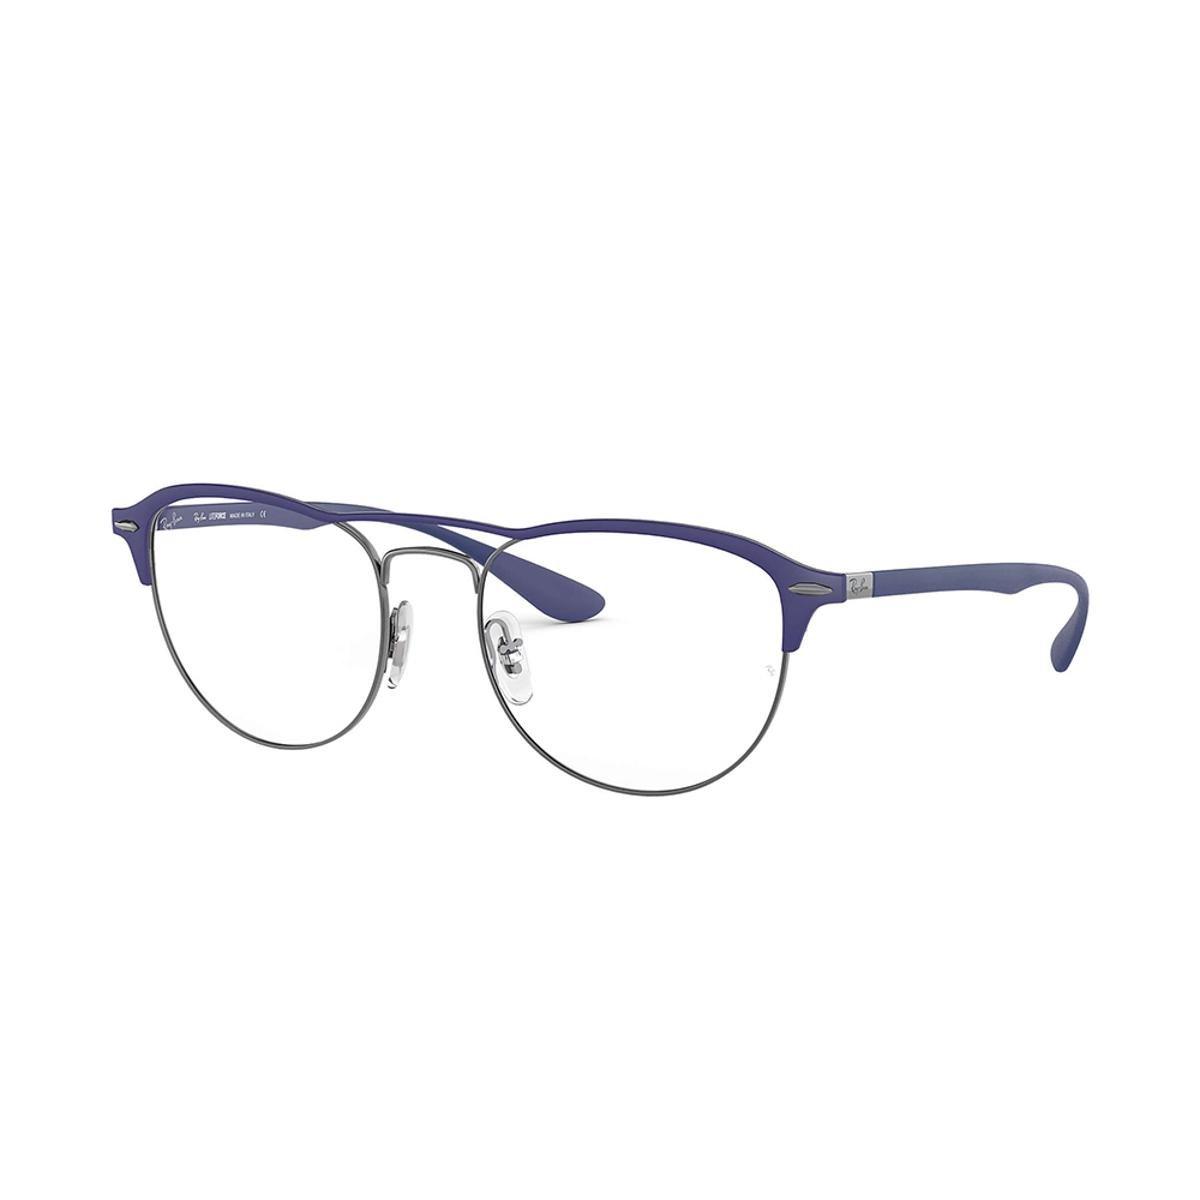 Armação de Óculos Ray-Ban RB3596 Feminina - Azul - Compre Agora ... e319f8d013